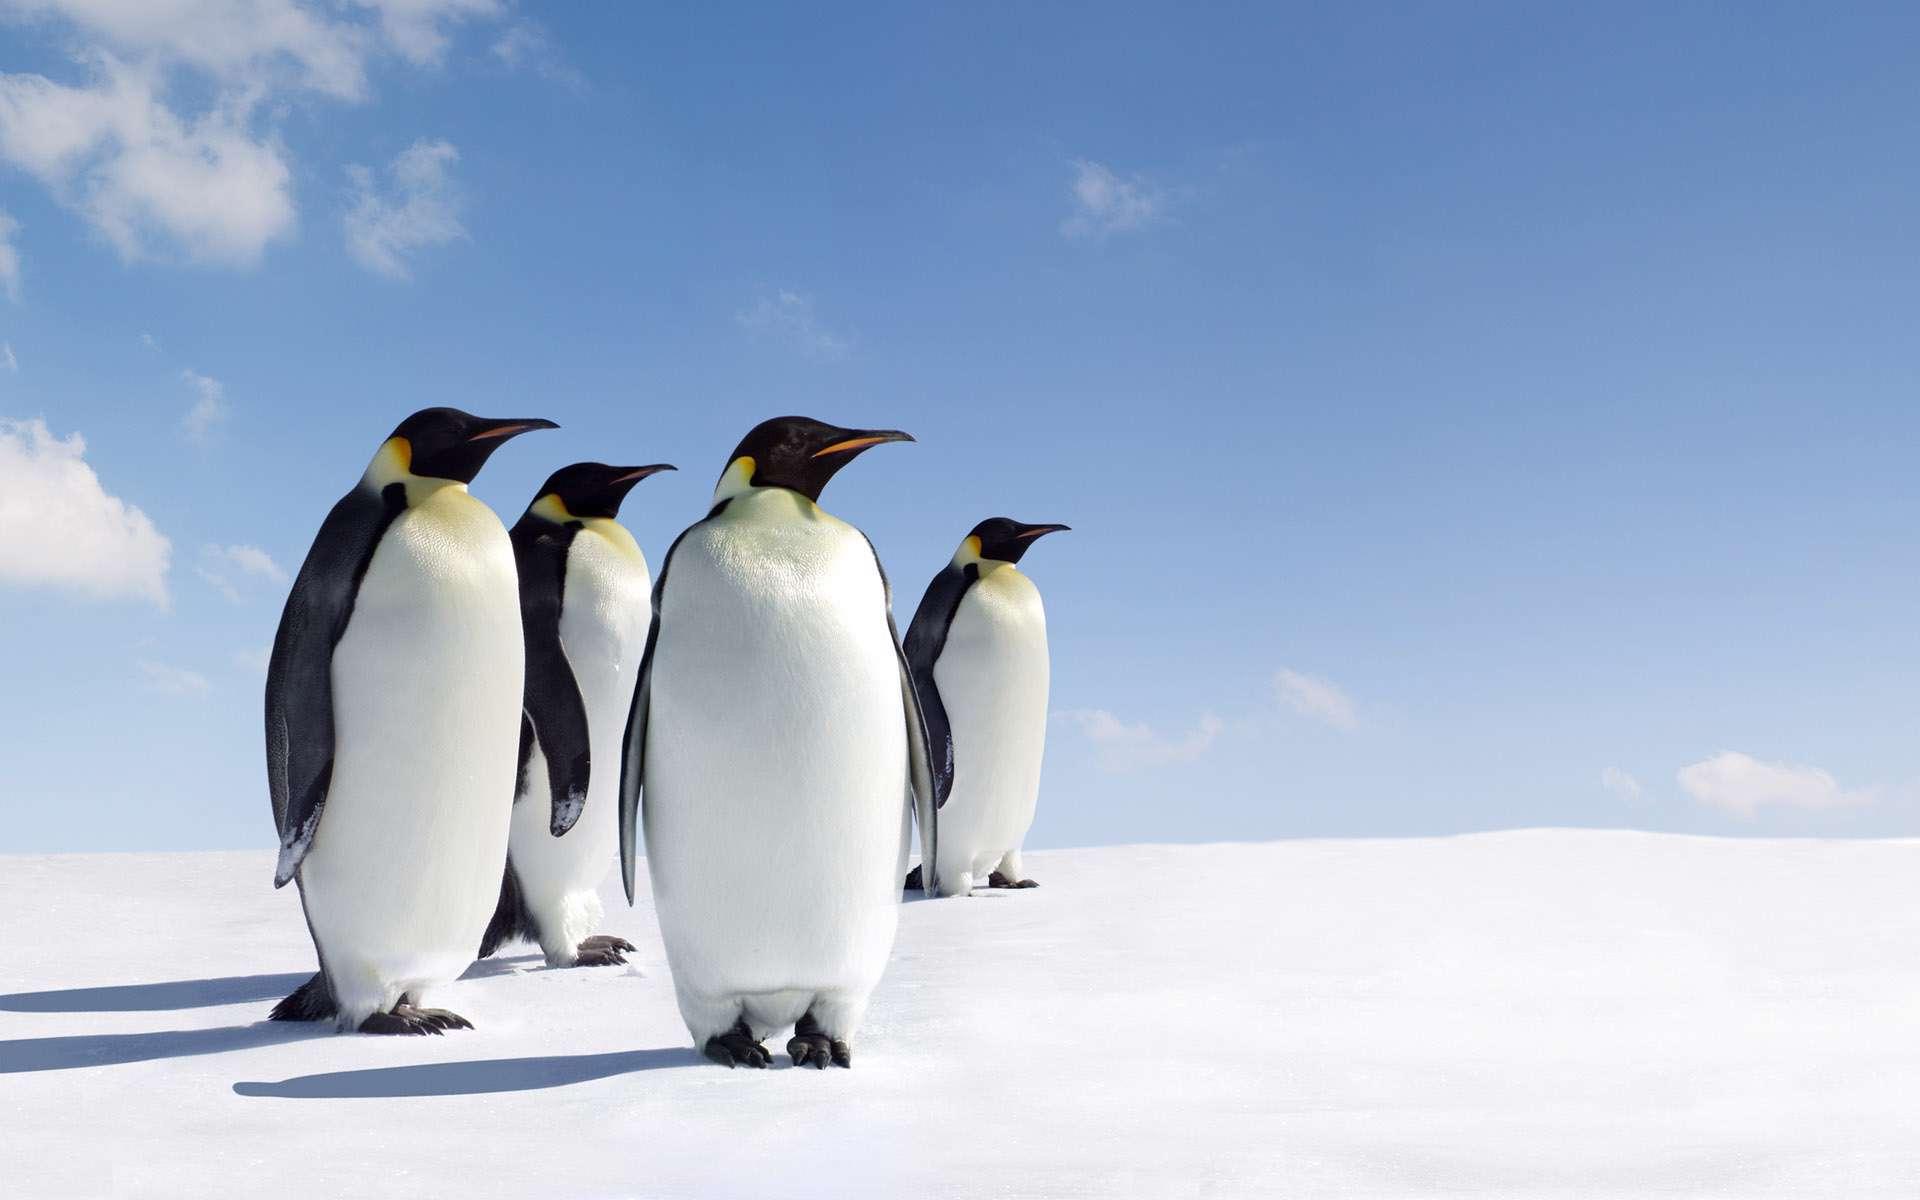 تم زیبا ویندوز سون تصاویر طبیعت و حیوانات قطب، سری شصت و چهار